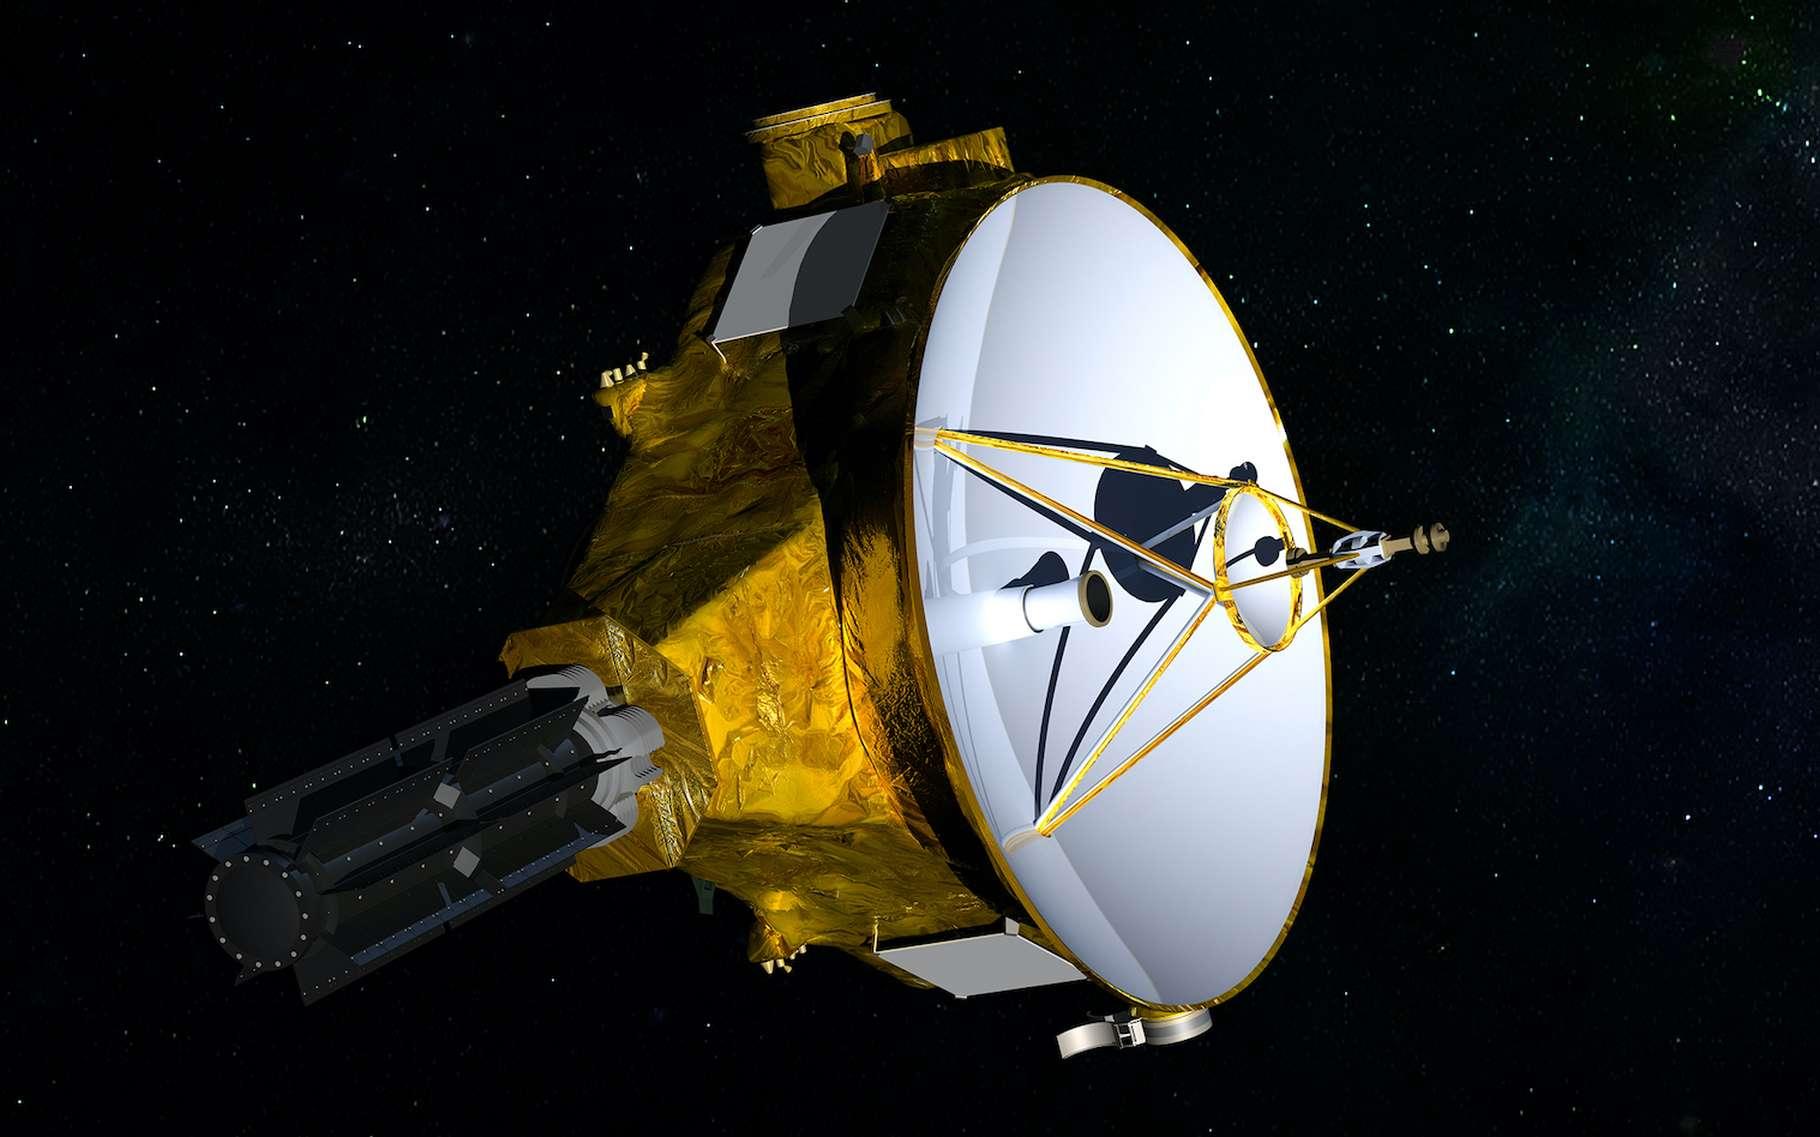 Les données fournies par la sonde de la Nasa New Horizons – ici en image – ont bouleversé notre vision de Pluton. Aujourd'hui, elles viennent bousculer ce que les astronomes pensaient du milieu interstellaire local. © Nasa